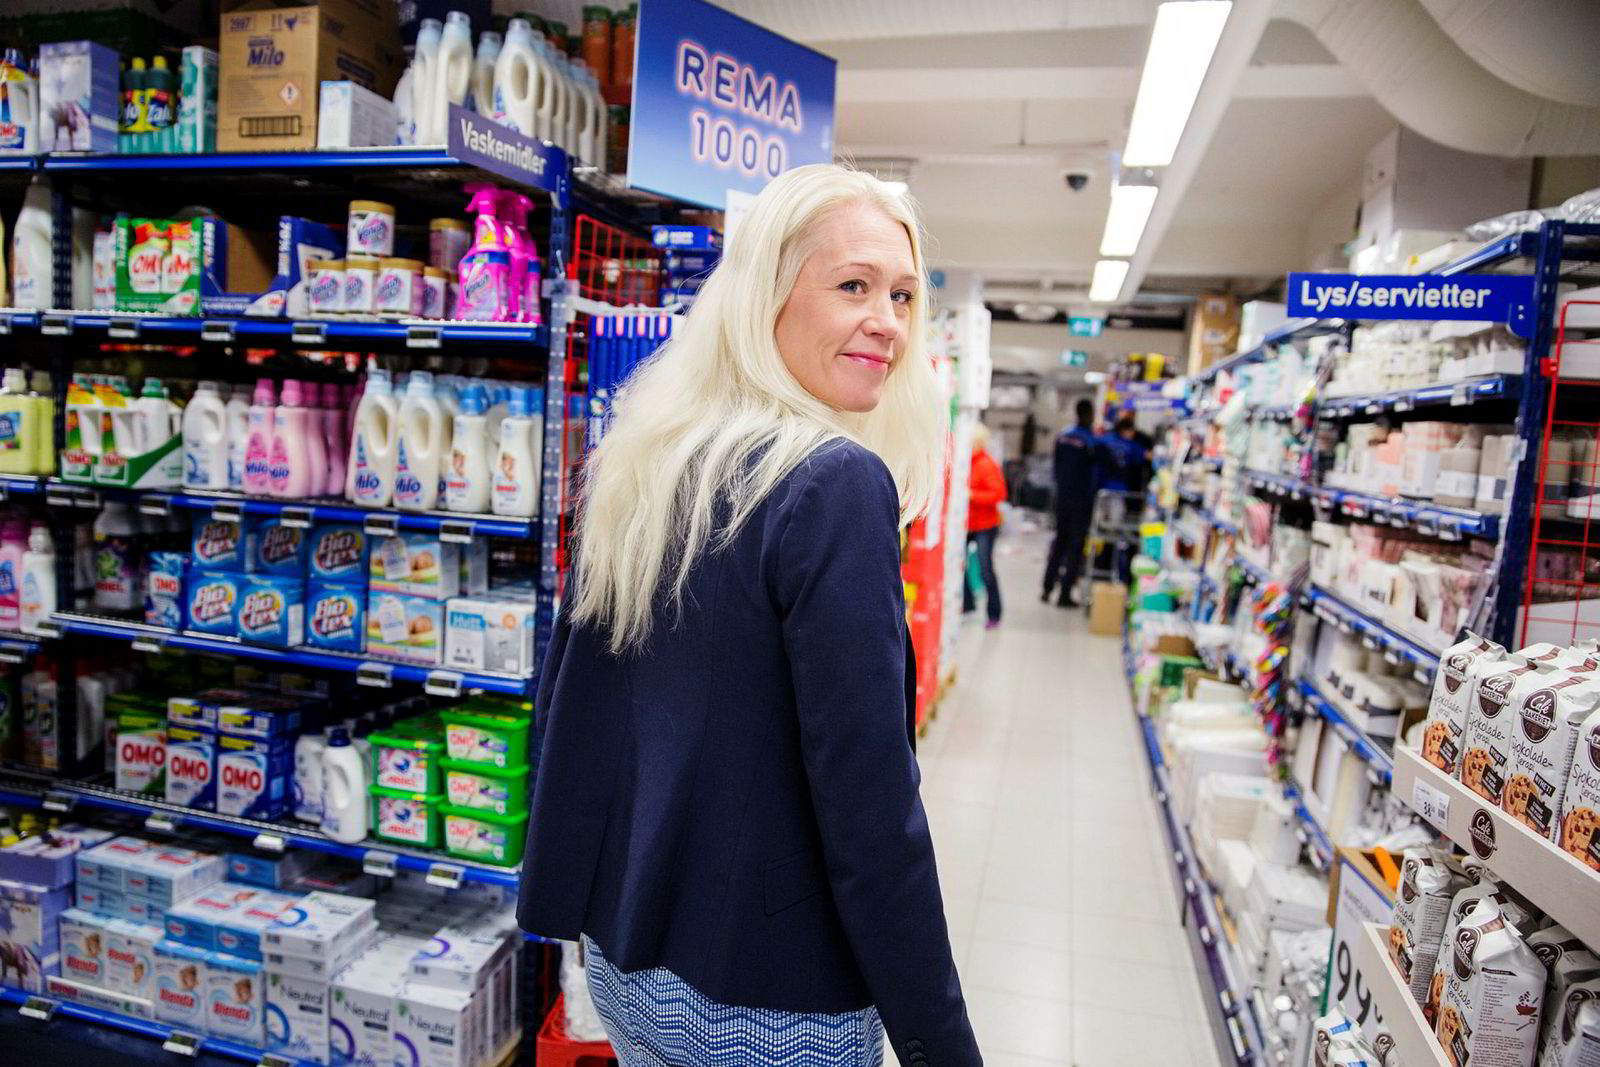 Kommunikasjonsdirektør Mette Fossum i Rema 1000 kjenner seg ikke igjen i beskrivelsene fra tidligere kjøpmenn.